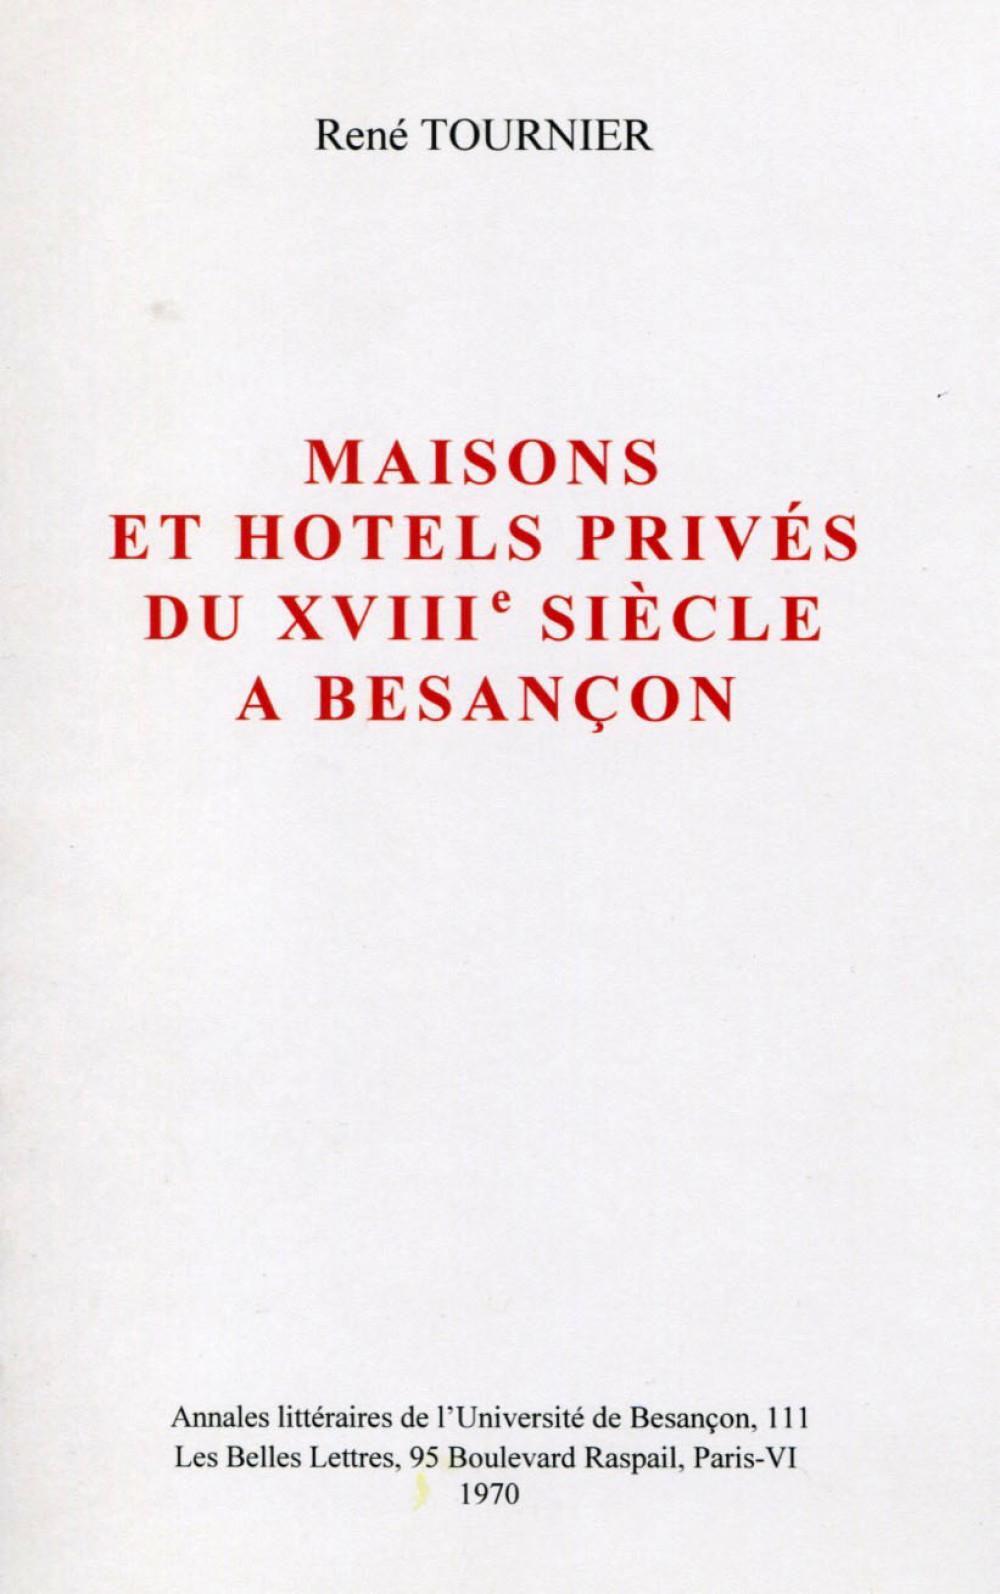 """Maisons et hôtels privés du <span style=""""font-variant: small-caps"""">xviii</span><sup>e</sup> siècle"""